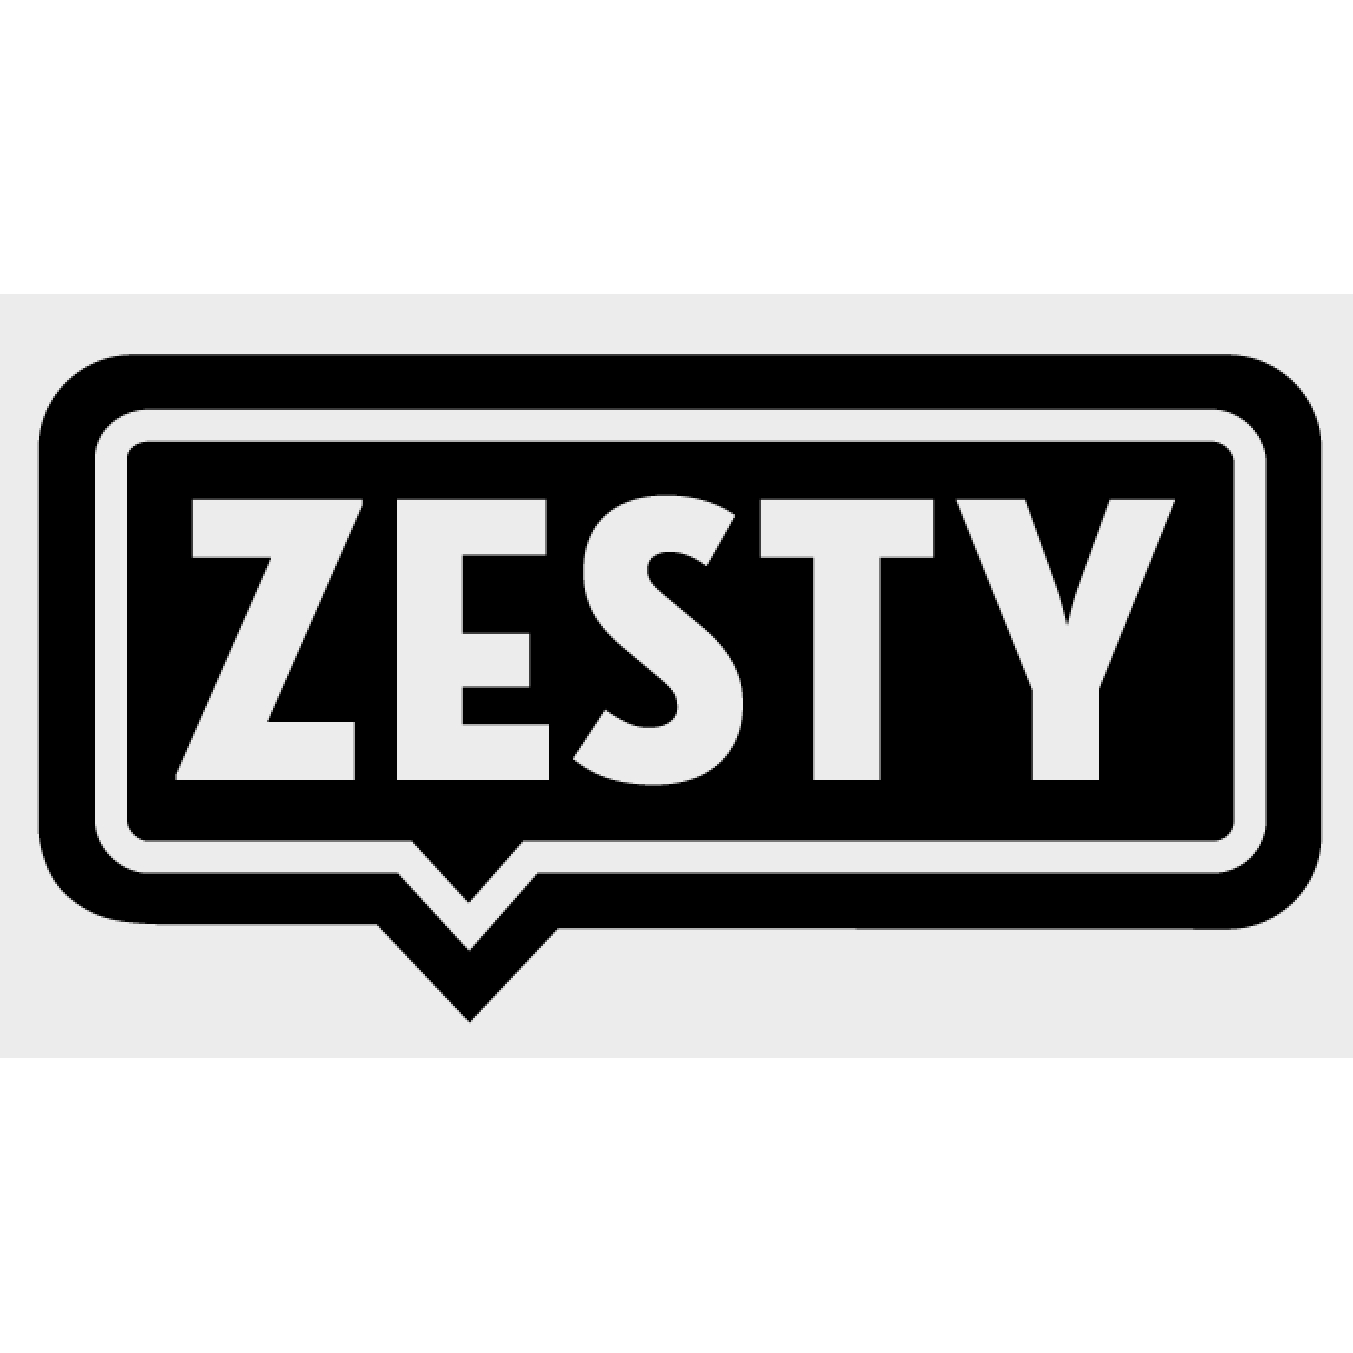 Dean's Zesty Booch